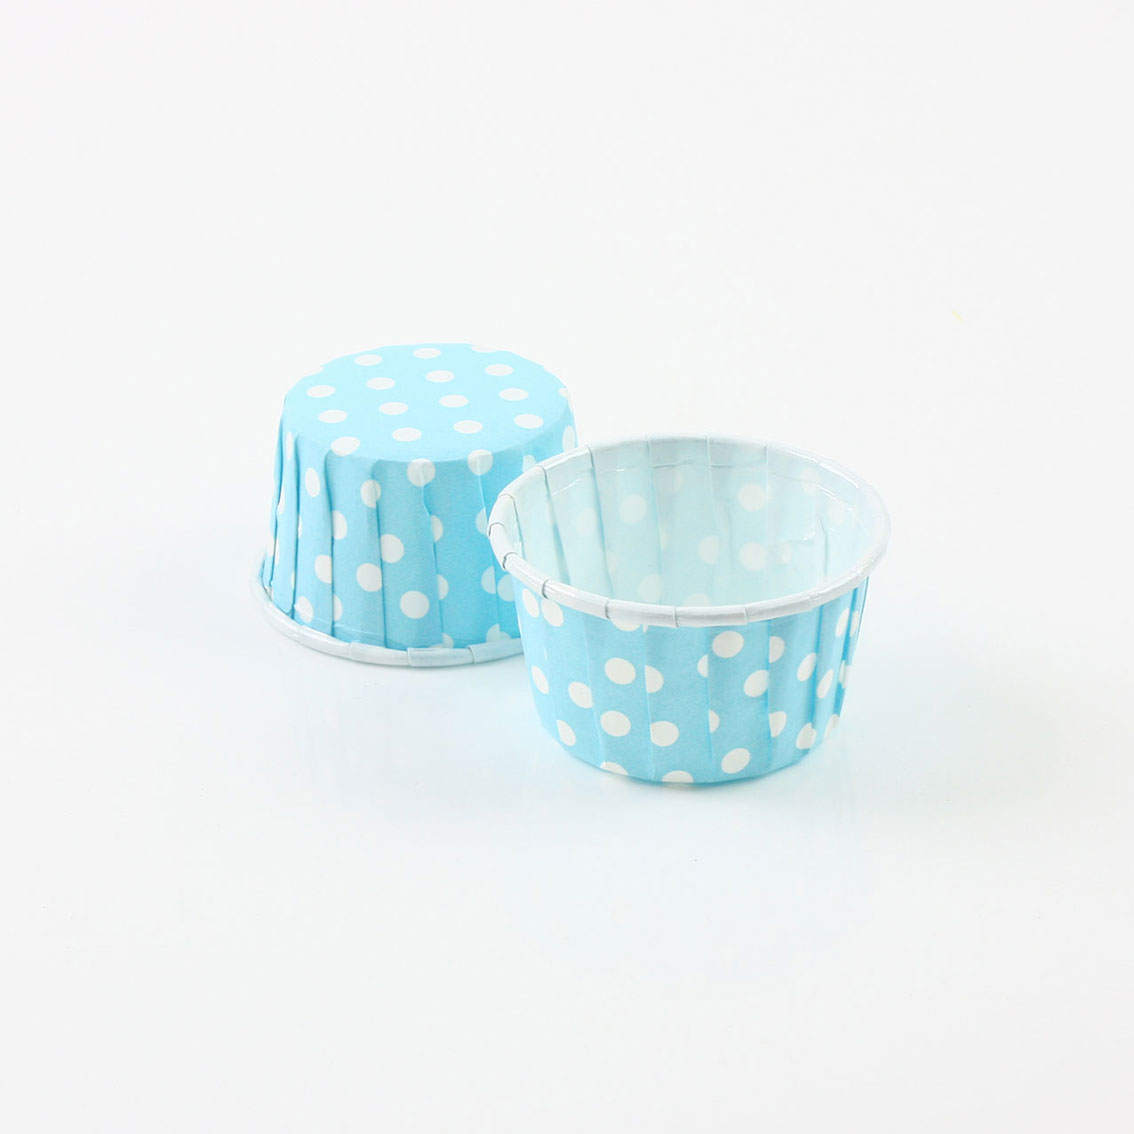 瑪芬杯、杯子蛋糕、捲口杯 PET3830-03 圓點藍(100pcs/包)